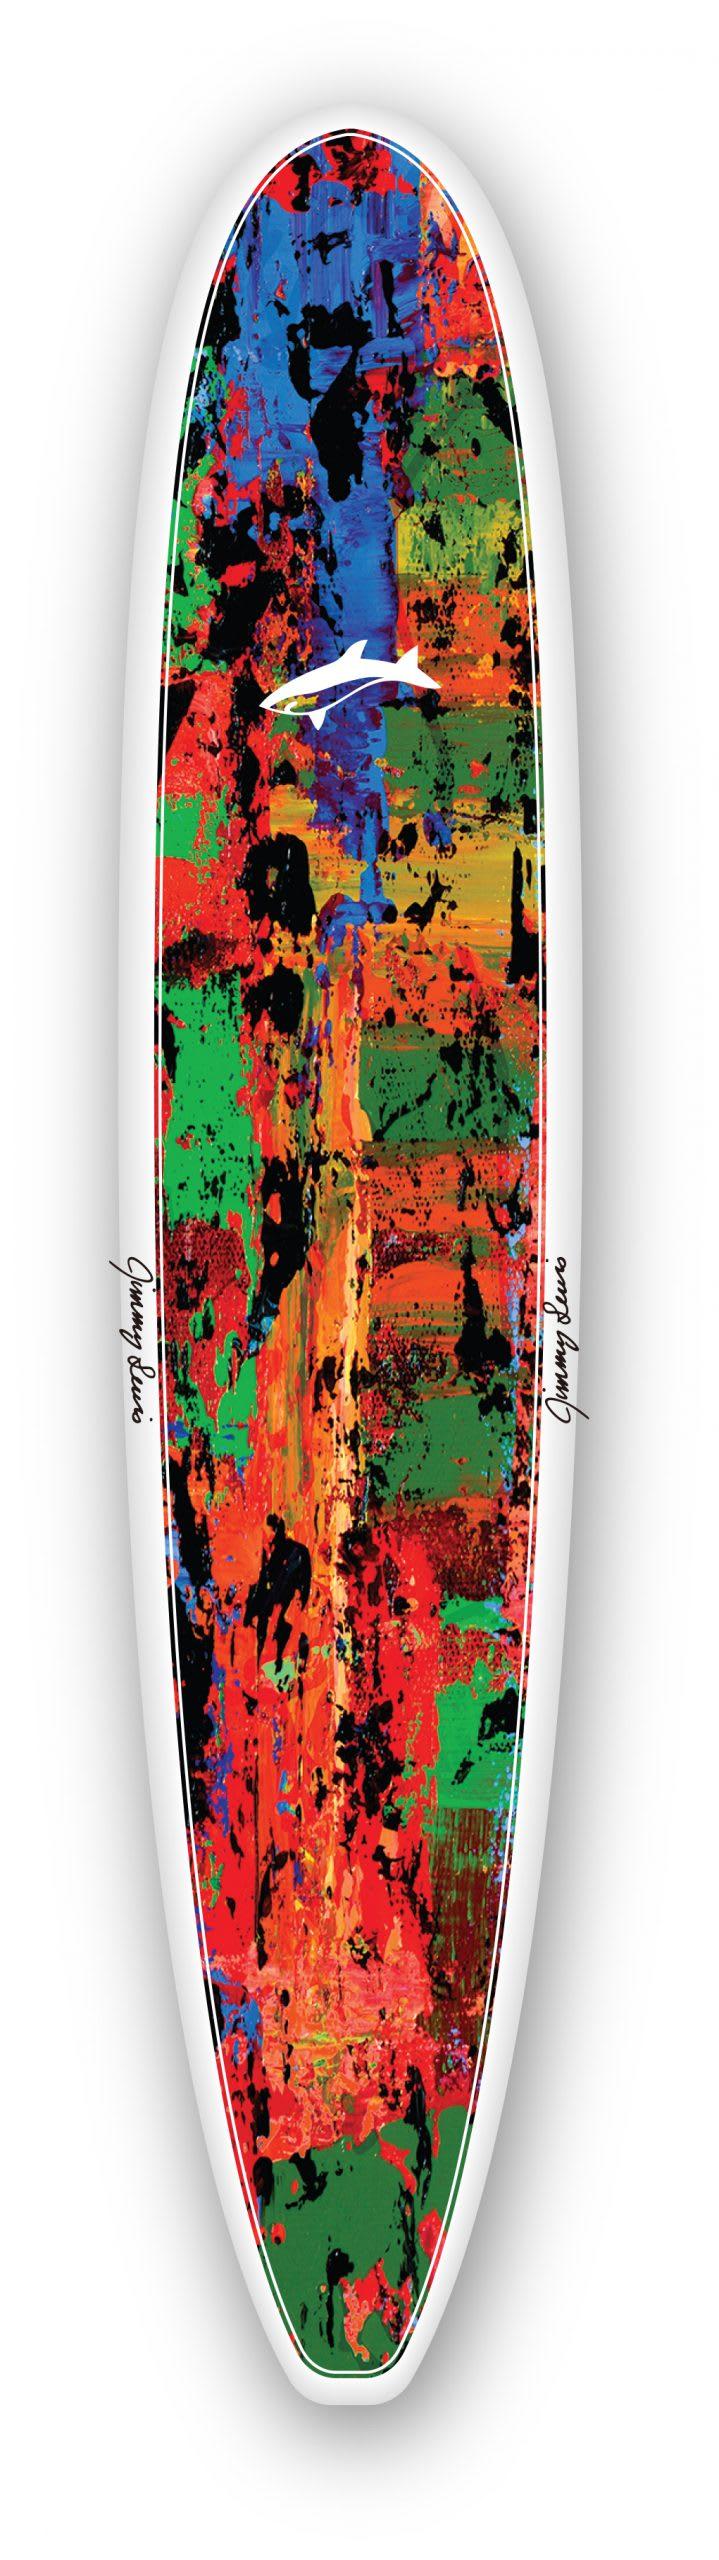 Super Tech SUP Surfboard